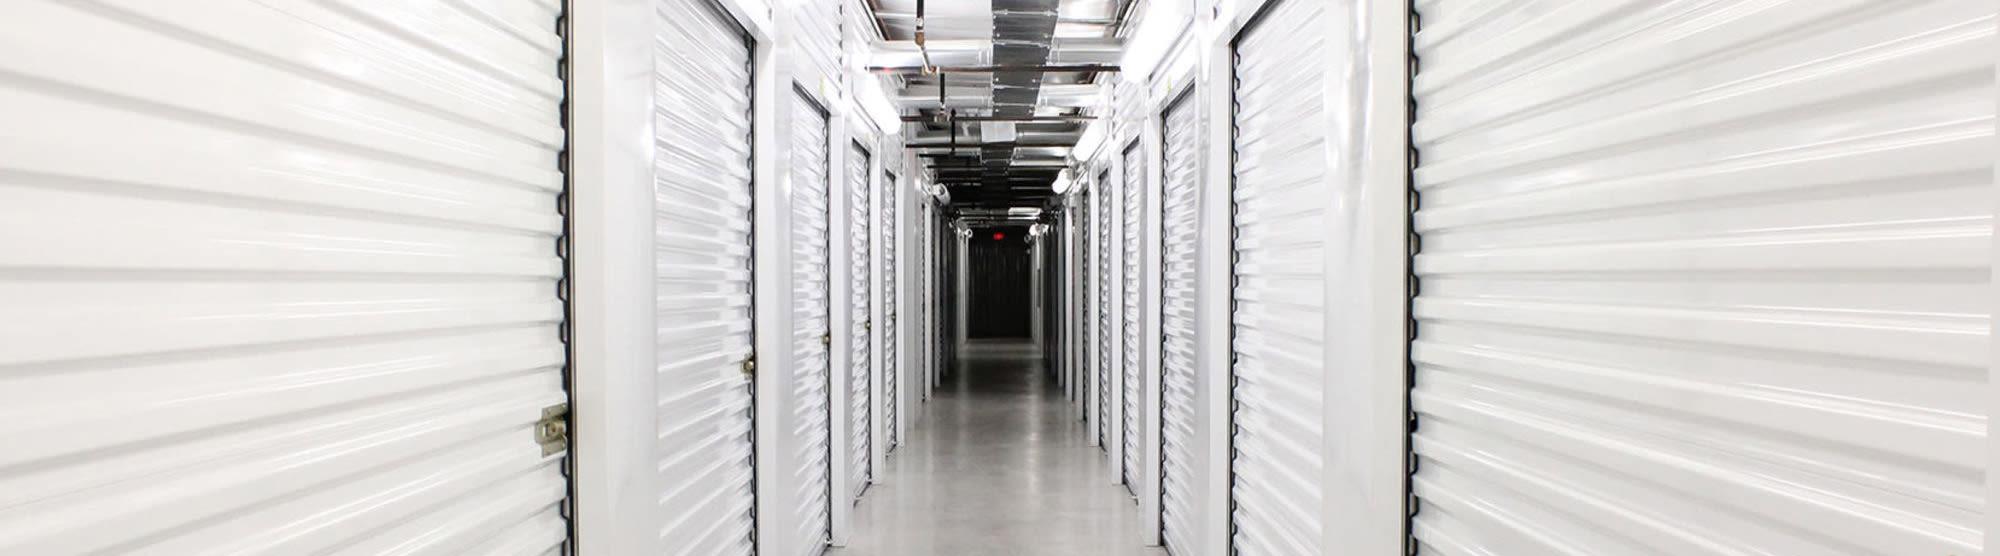 StayLock Storage in Muncie, Indiana